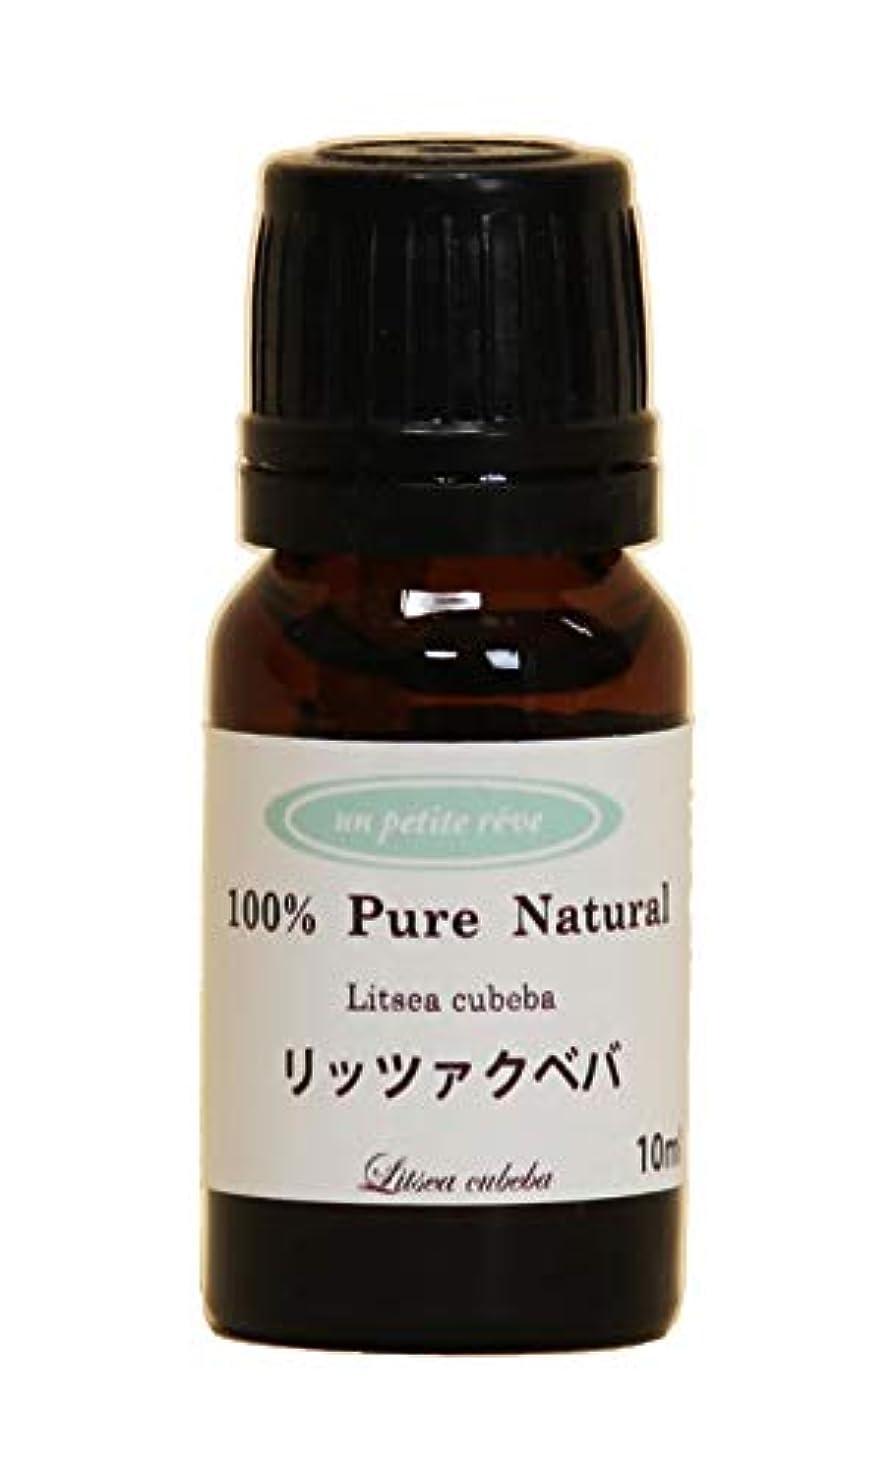 ワイン慢性的分類リッツァクベバ(メイチャン)  10ml 100%天然アロマエッセンシャルオイル(精油)